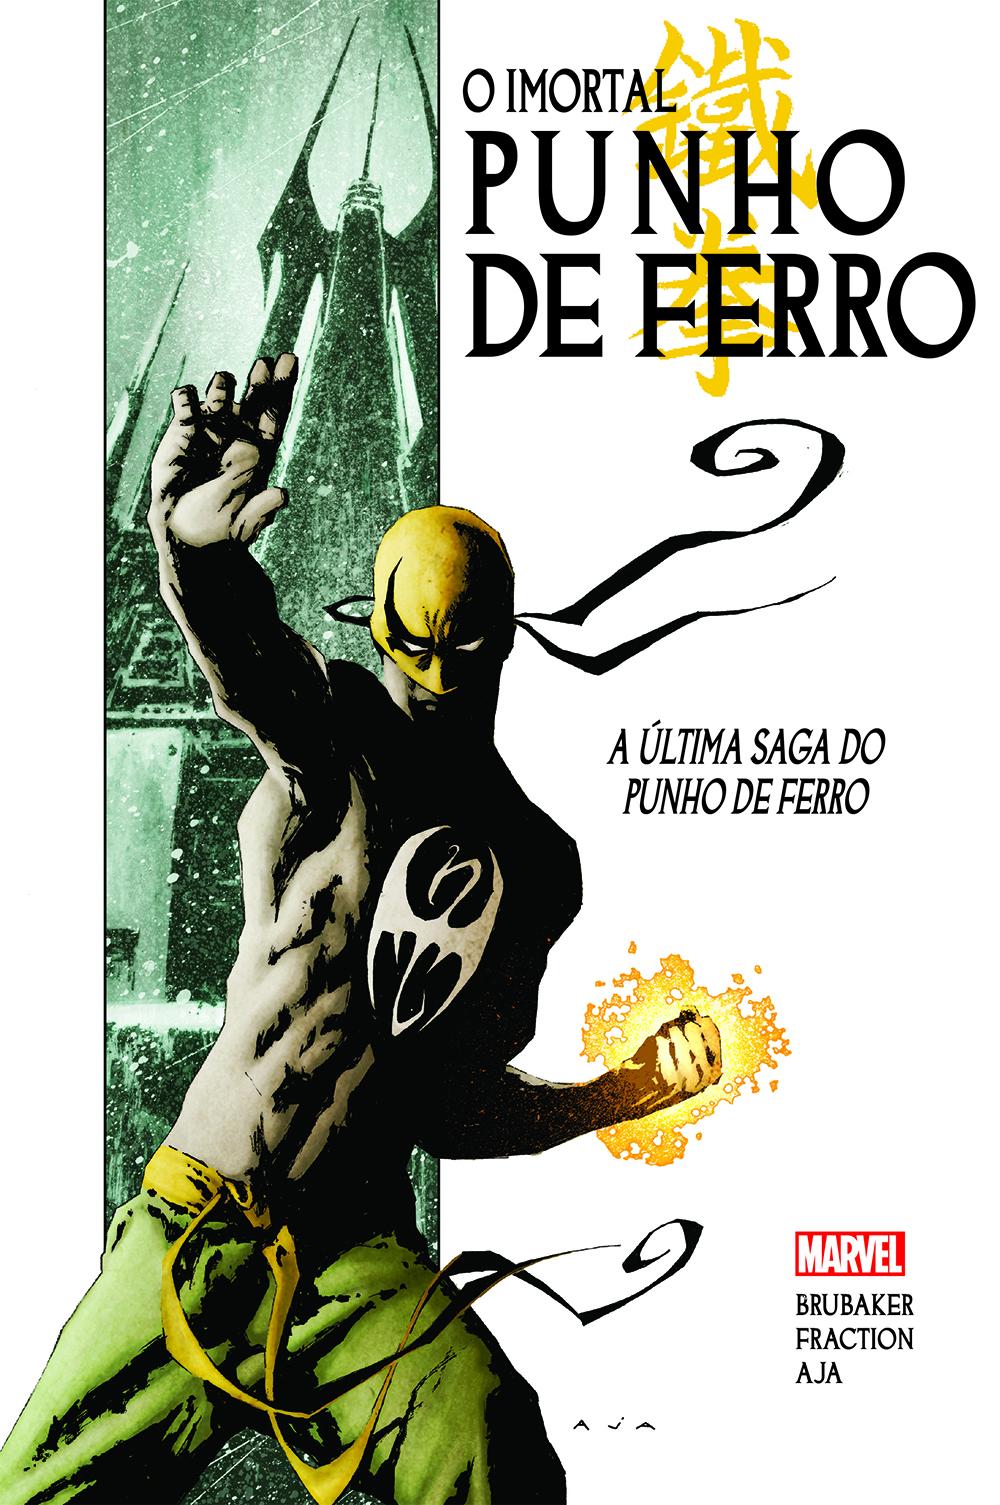 IMORTAL PUNHO DE FERRO vol. 1: A ÚLTIMA SAGA DO PUNHO DE FERRO